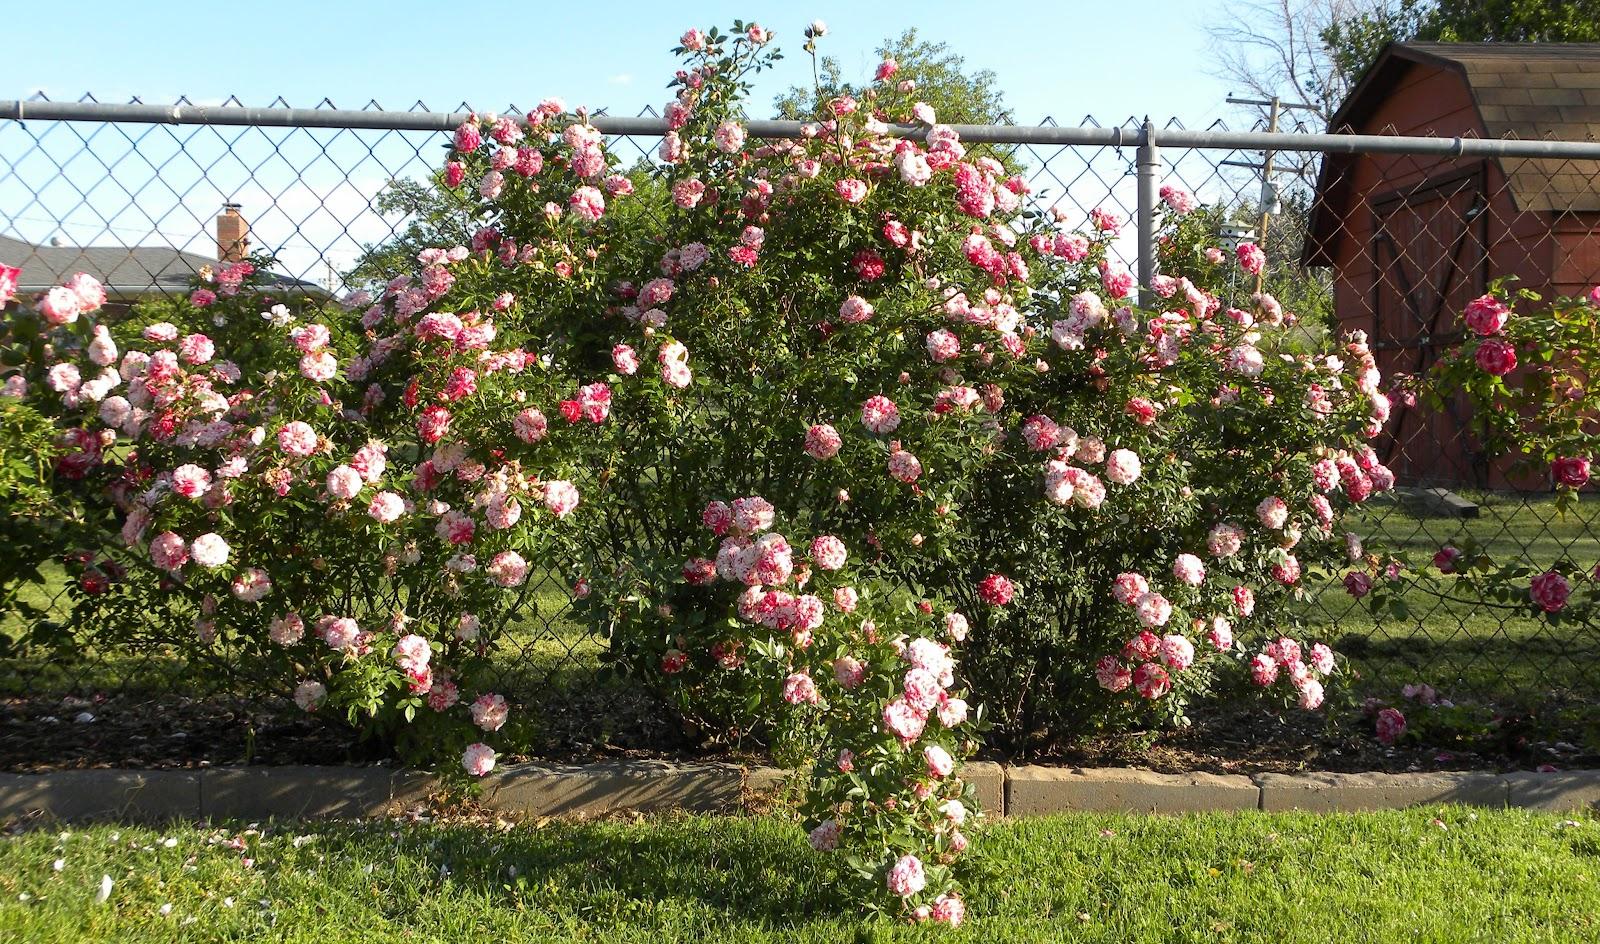 Red Dirt Roses: April 2012